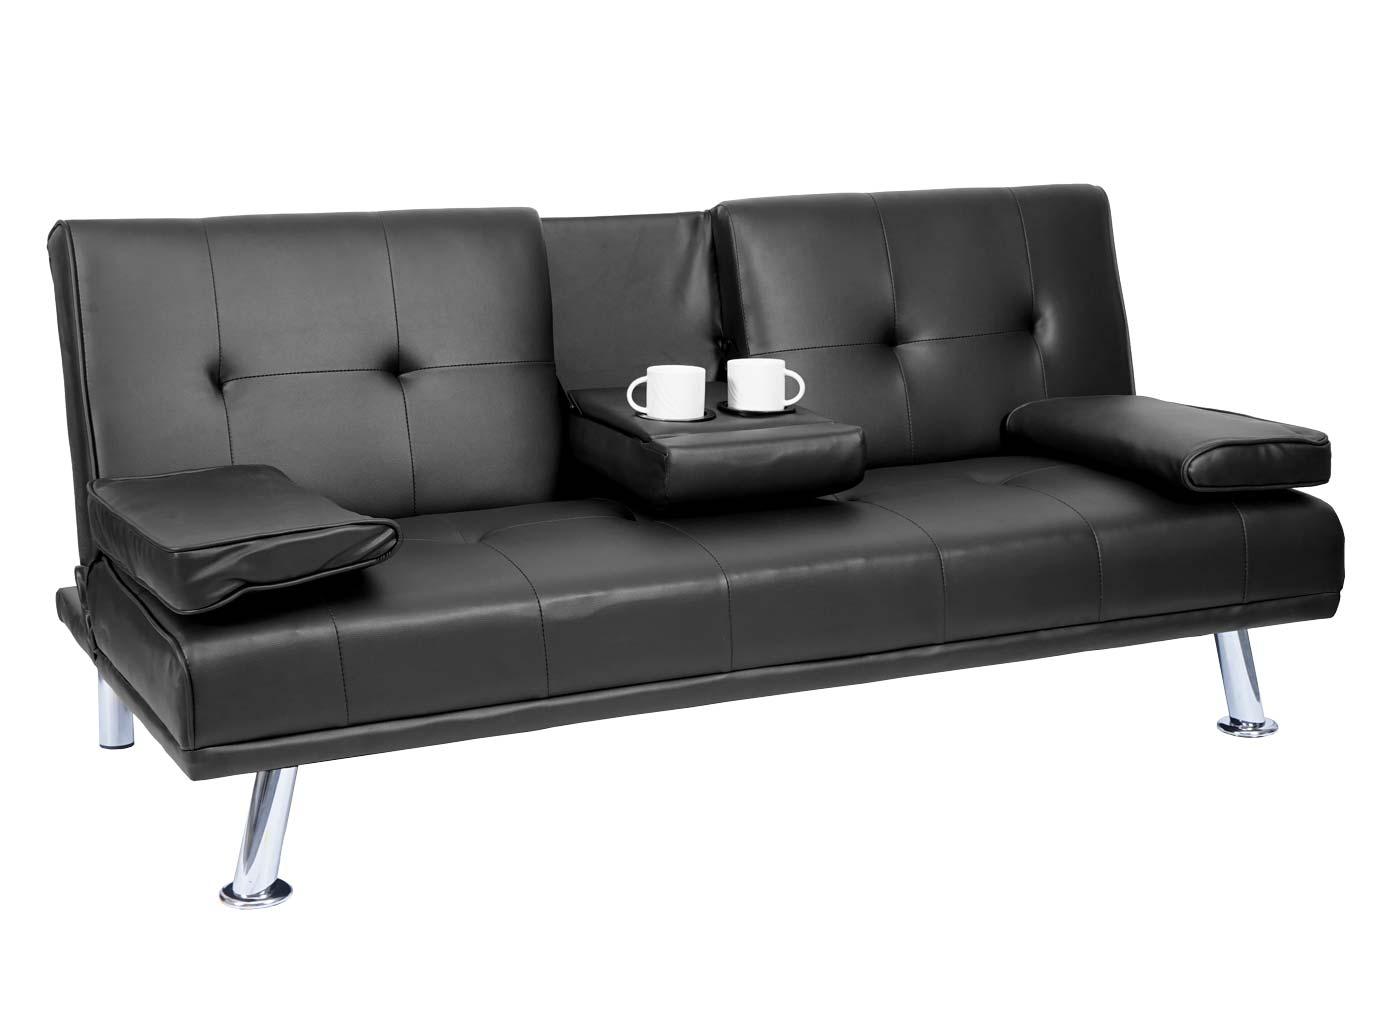 Full Size of Sofa Ohne Lehne 3er Hwc F60 Rattan Garnitur 2 Teilig Für Esszimmer Erpo Bett Füße Günstig Kaufen Big Xxl Xora Karup Ebay Mit Elektrischer Sofa Sofa Ohne Lehne